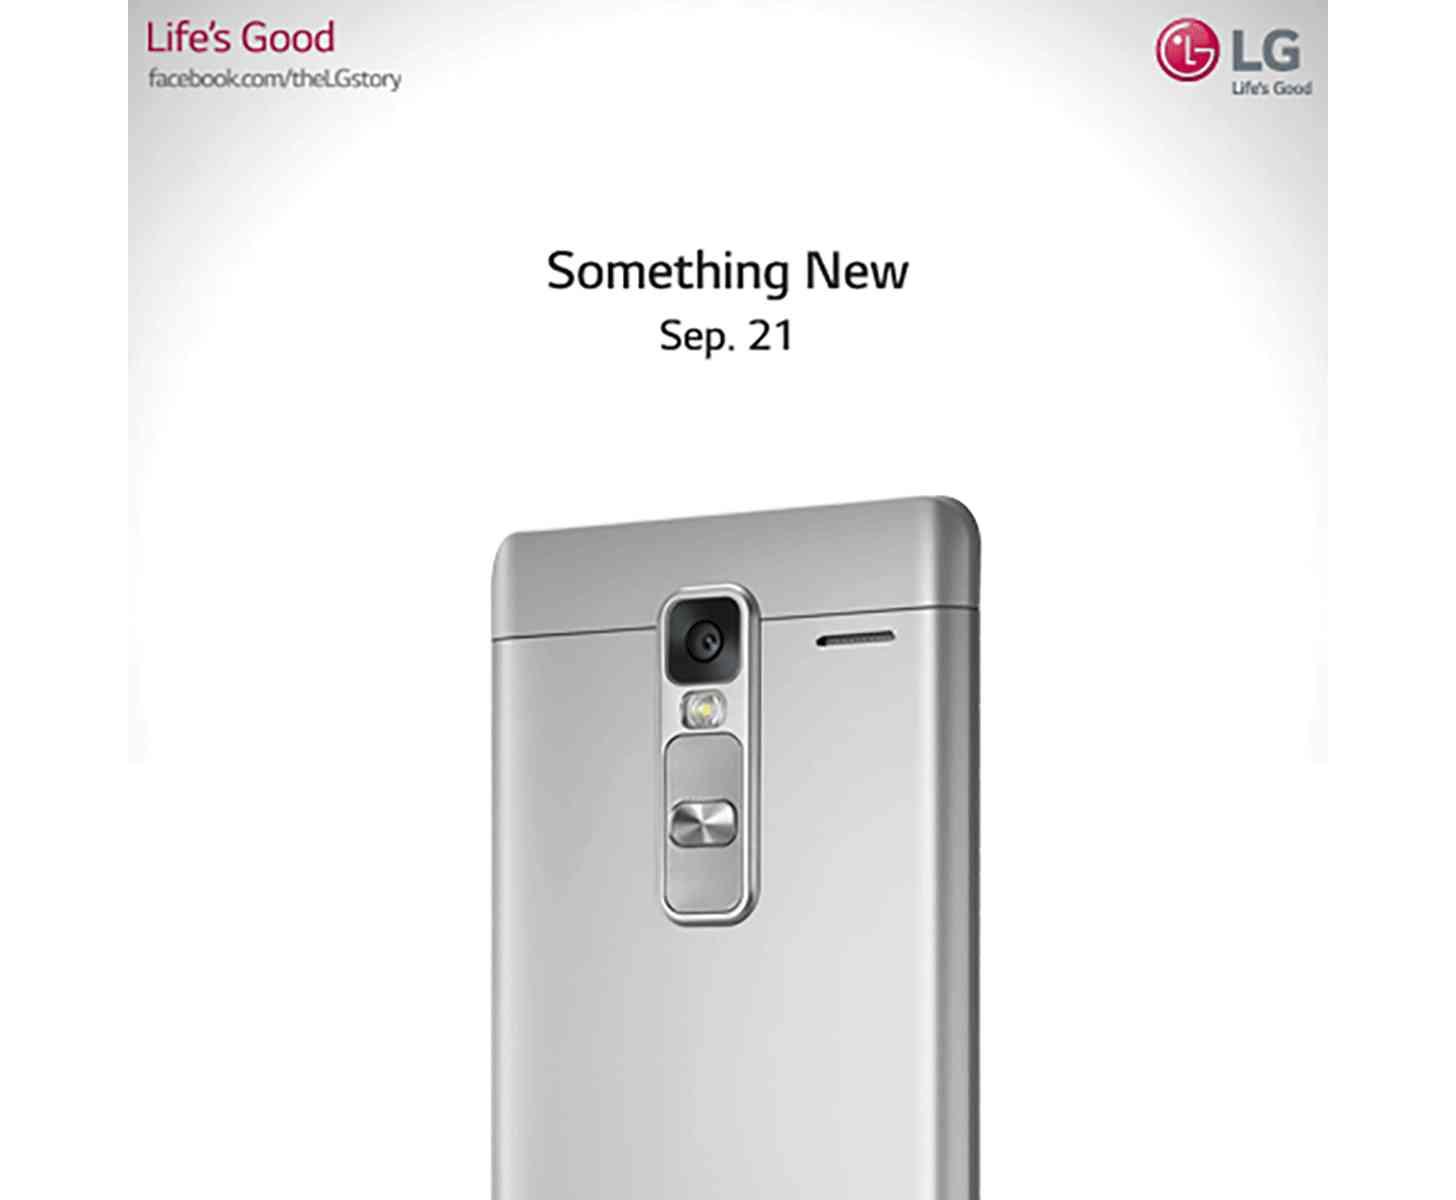 LG Something New September 21 teaser